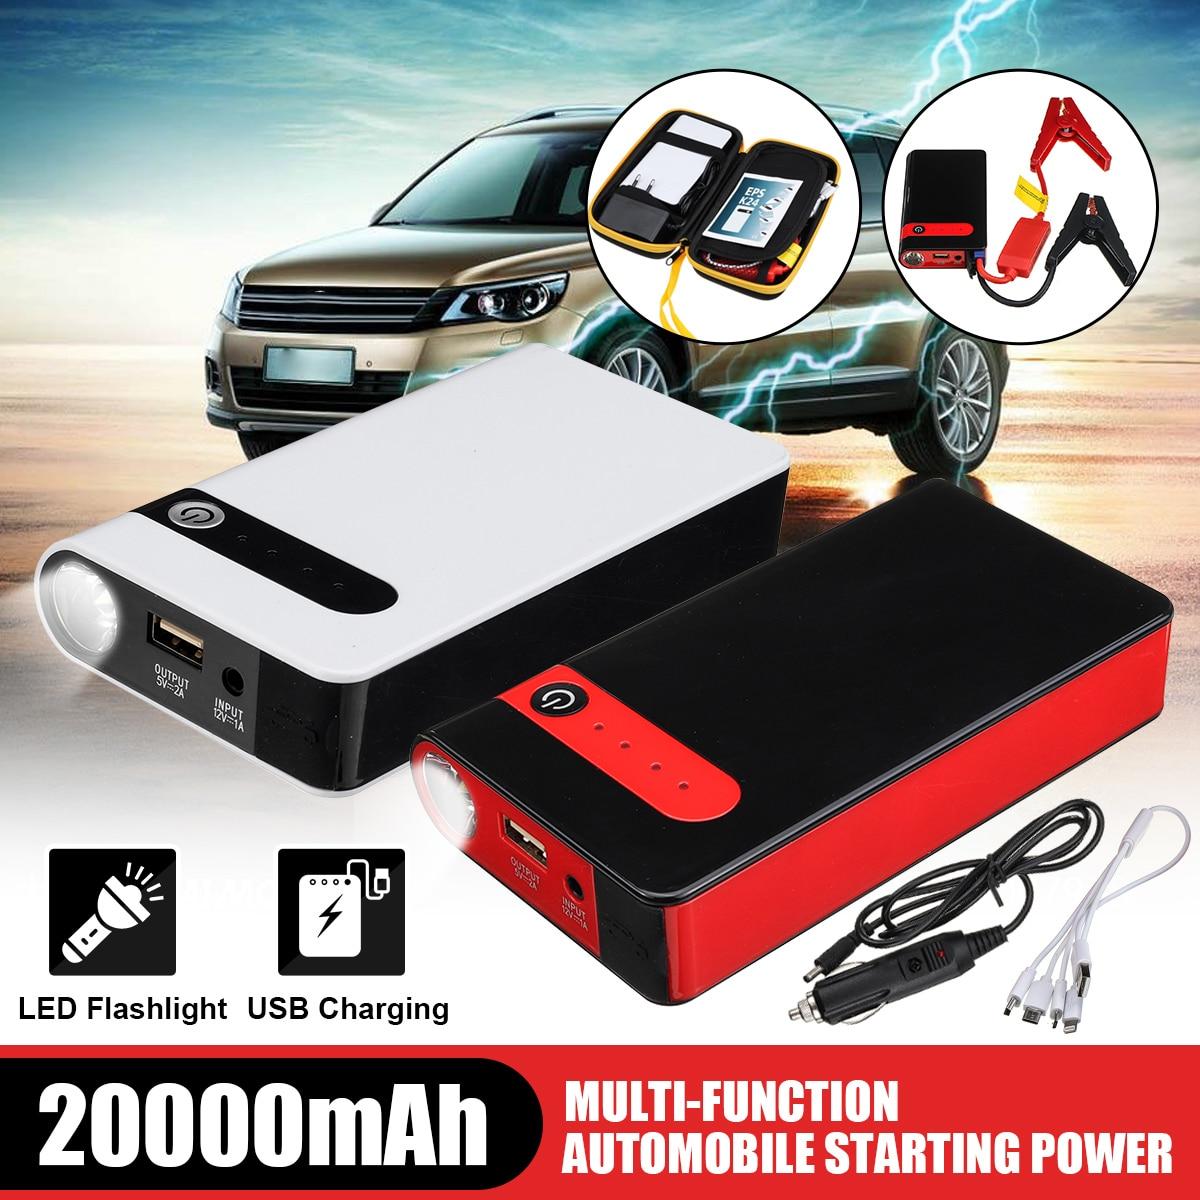 12V Car Jump Starter 20000mAh Power Bank Emergency Jump Starting Power Supply Car Battery Booster Buster Jump Starter Outdoor